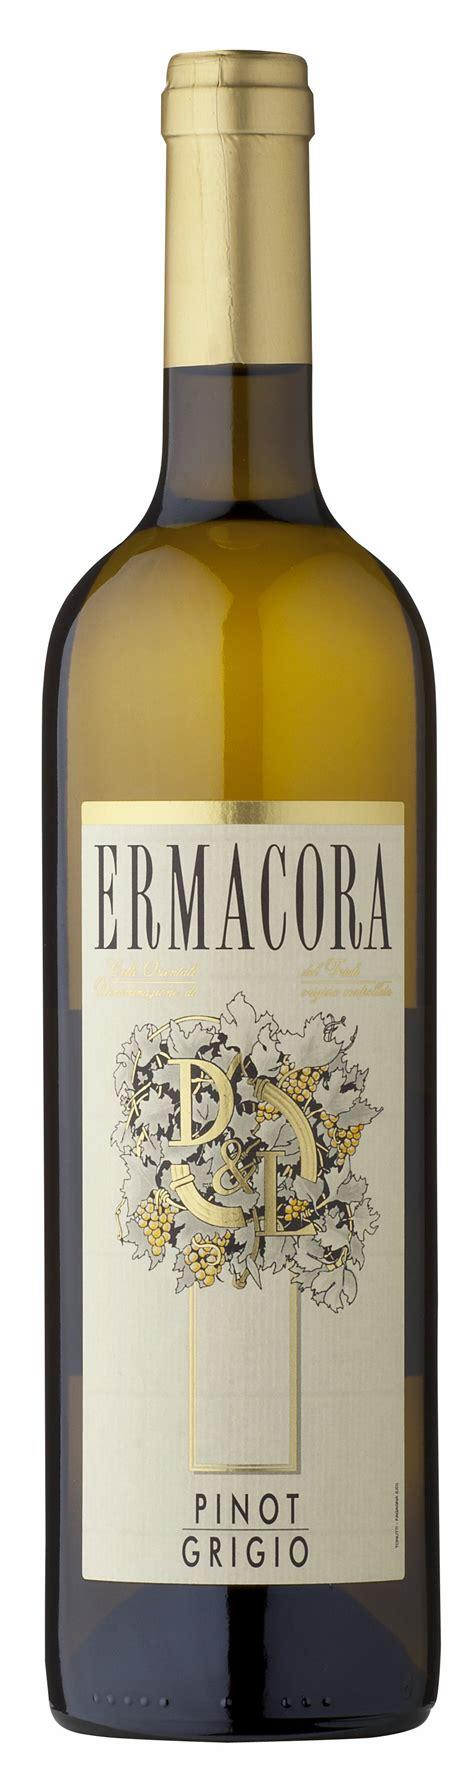 Eine Pinot Grigio Bitte italienische feinkost pinot grigio 2016 750 ml ermacora